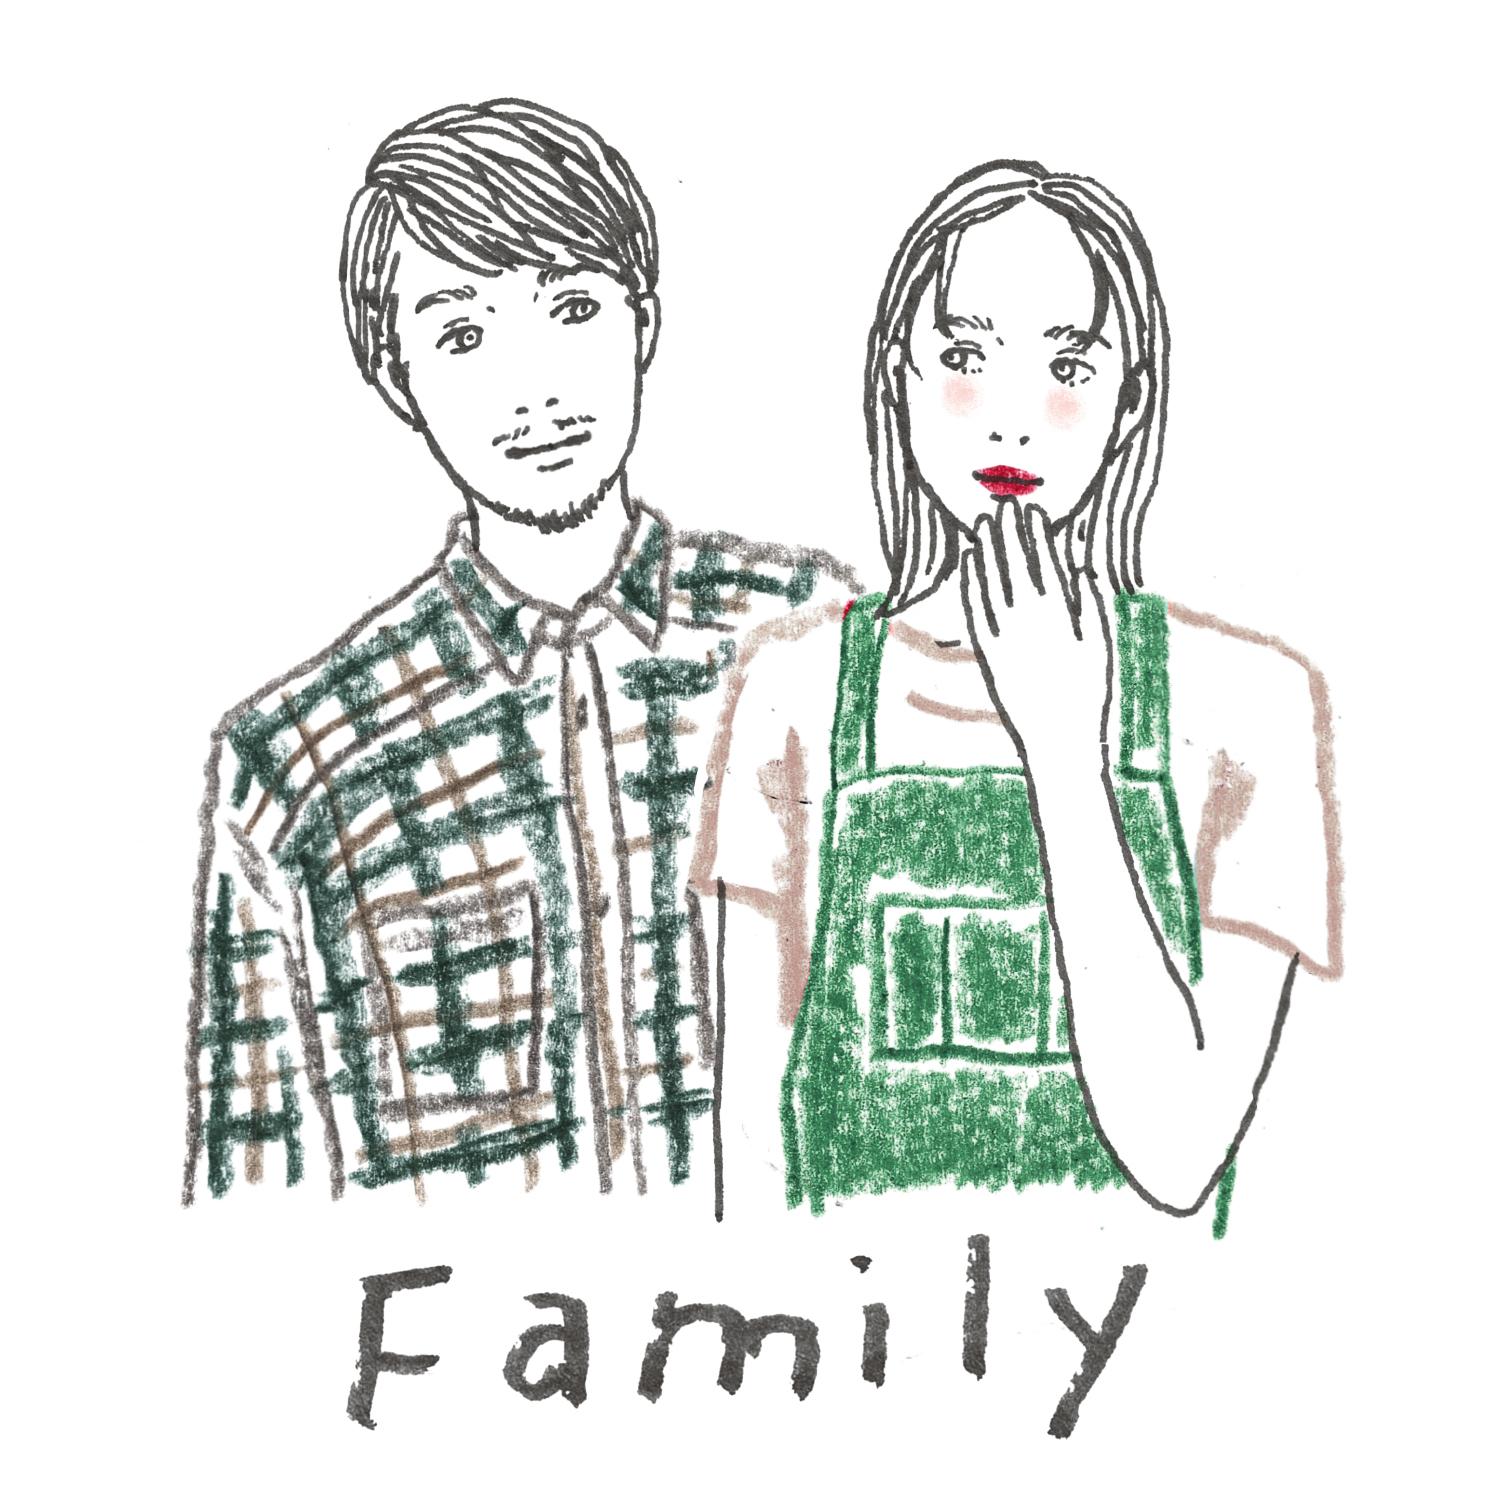 B:家族の話